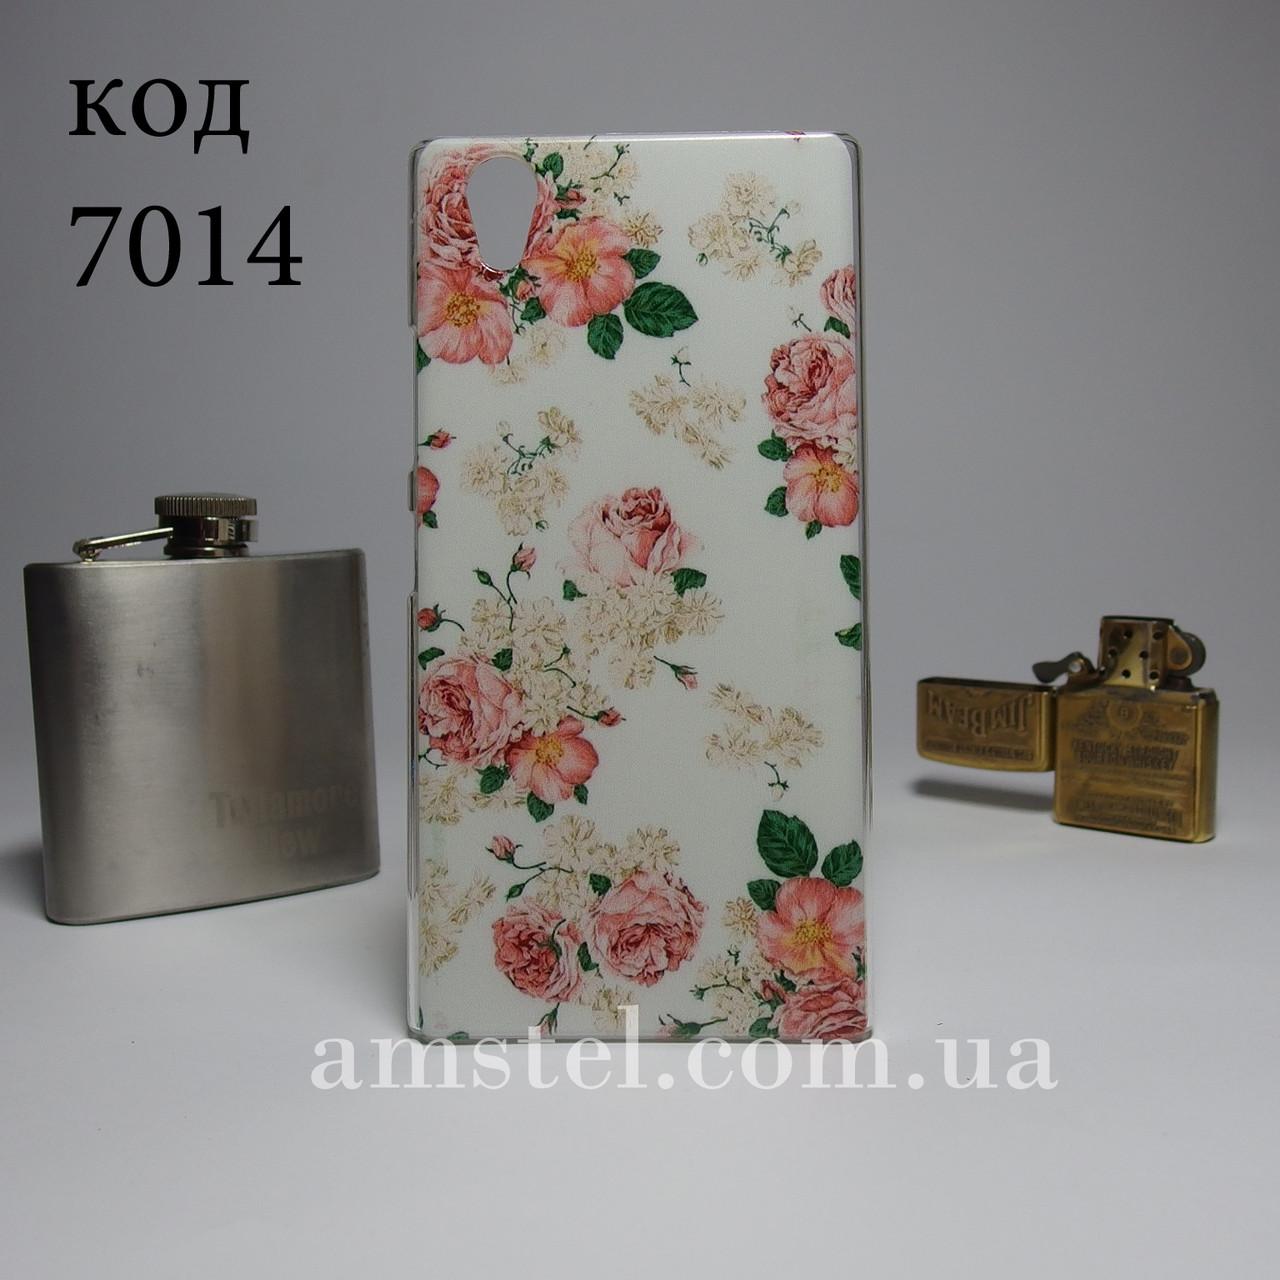 Чехол для lenovo p70 панель накладка с рисунком цветы